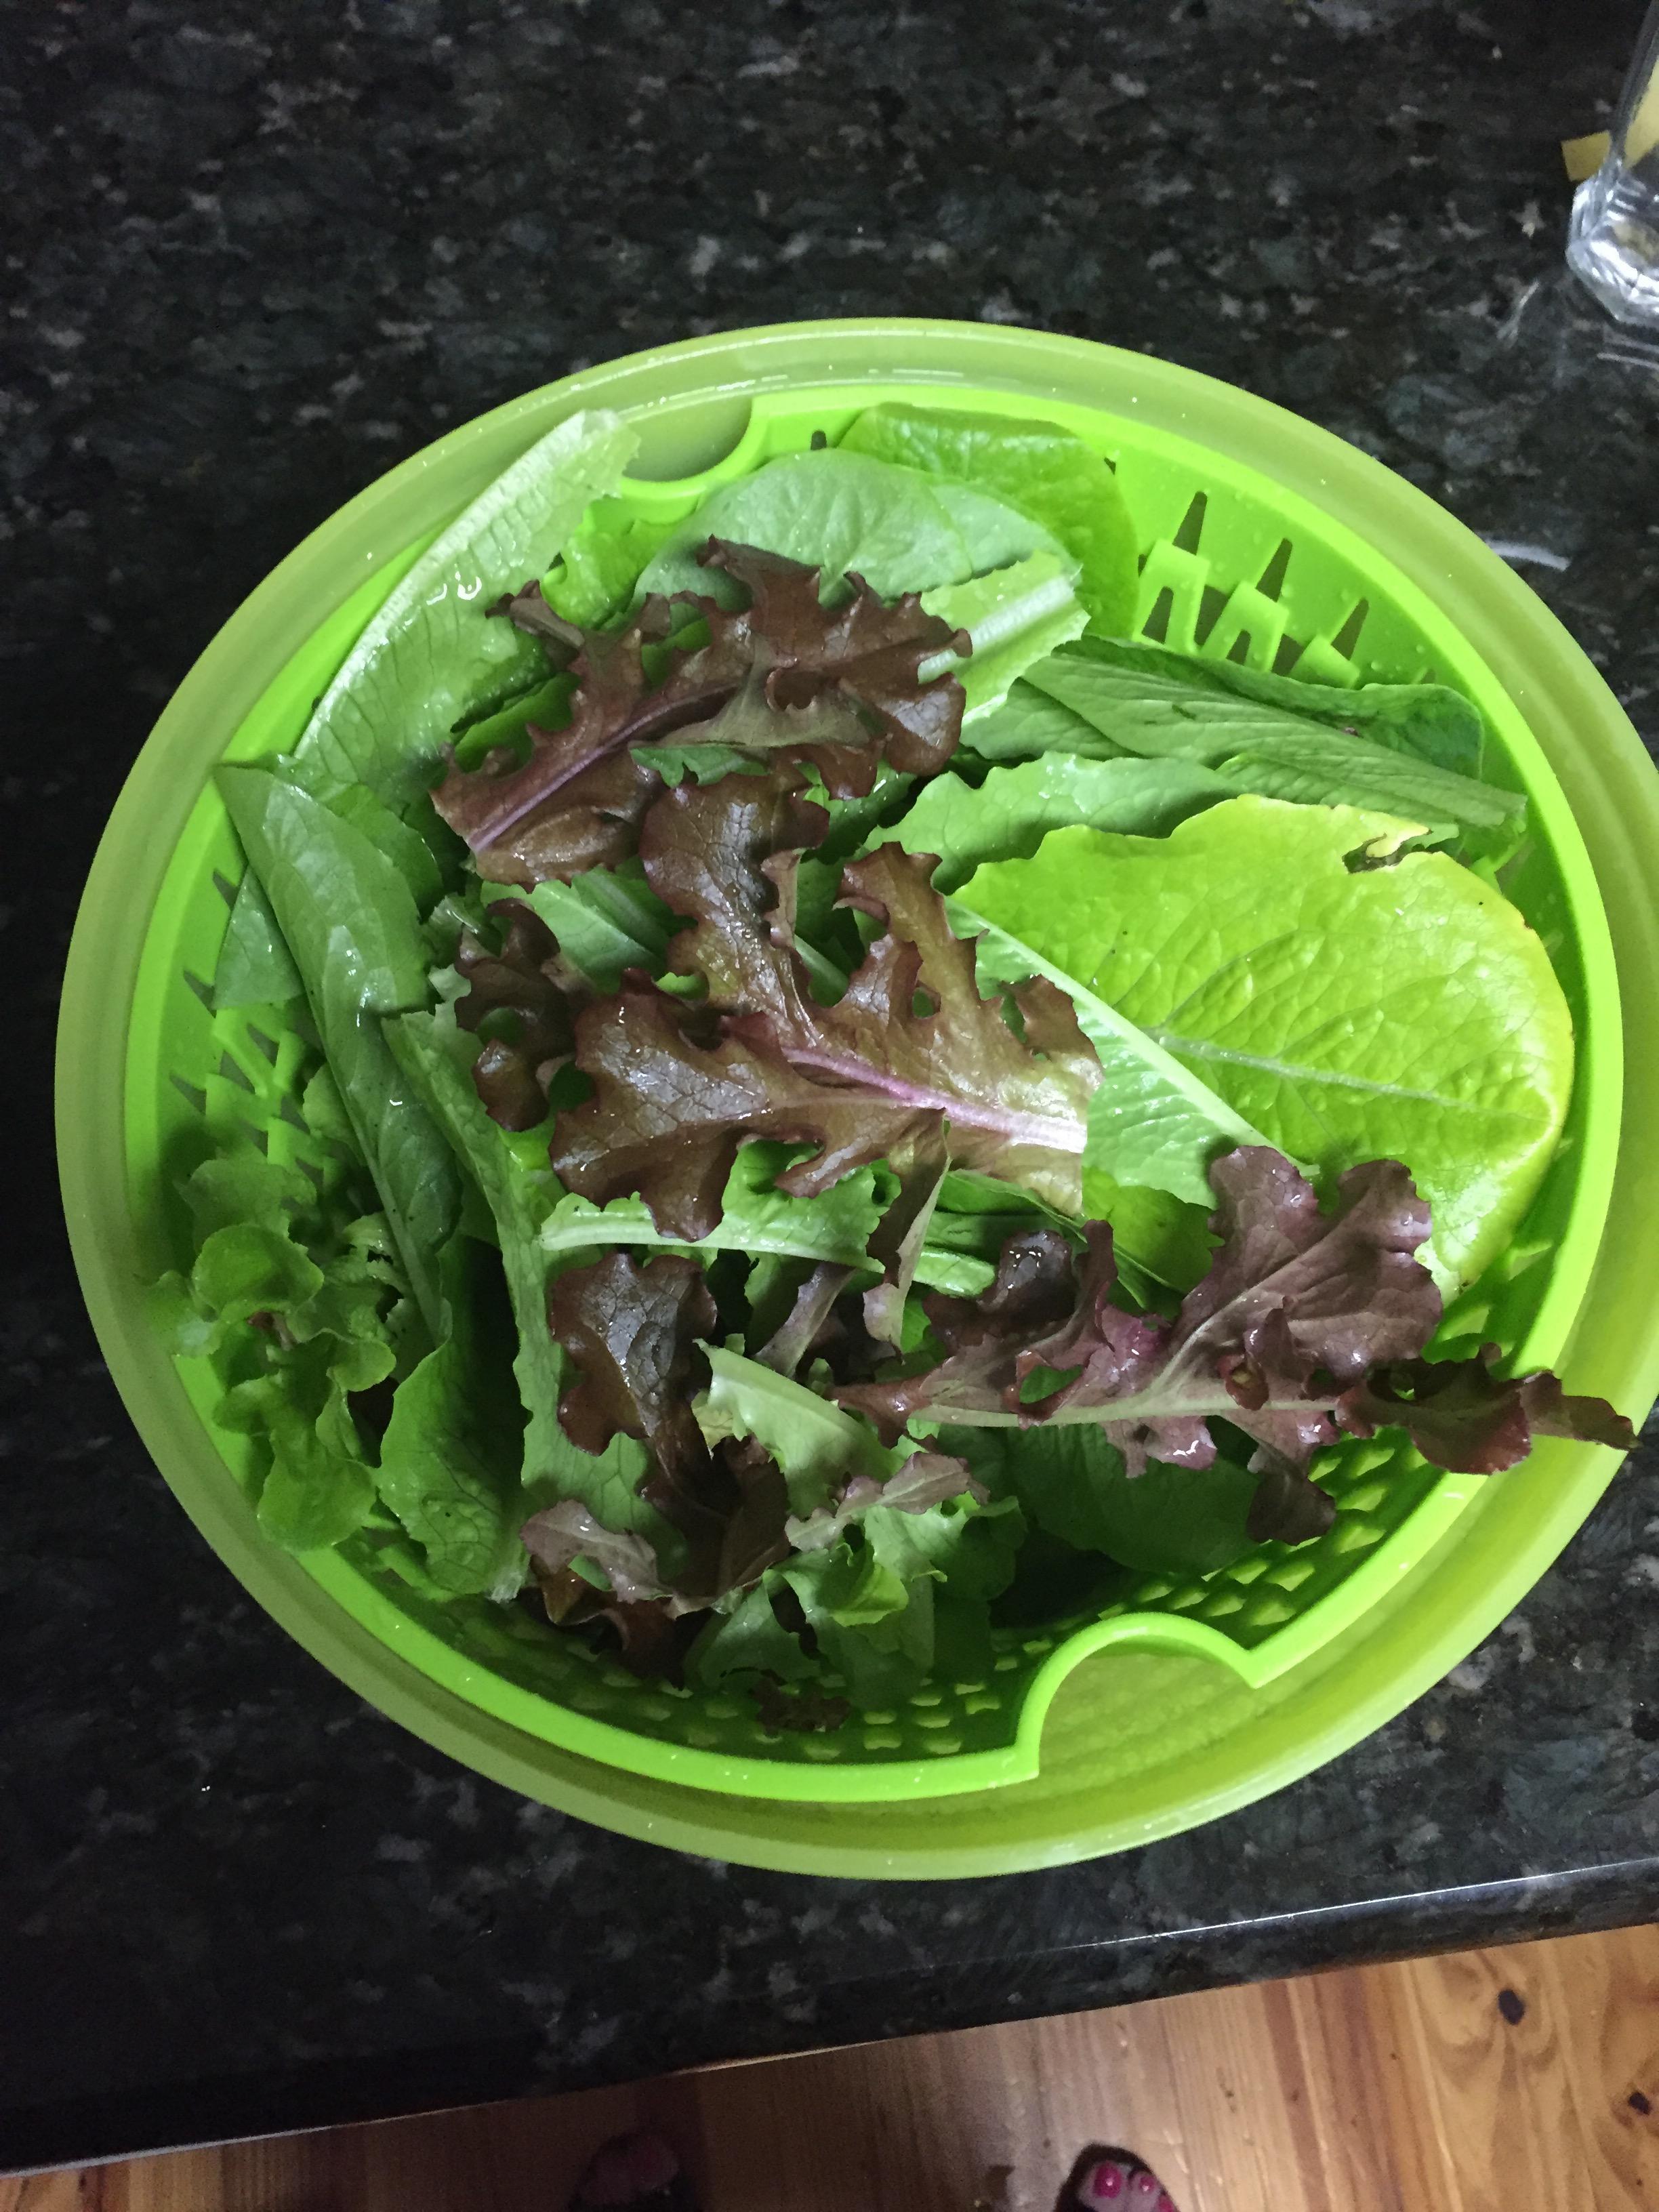 fresh lettuce from the garden